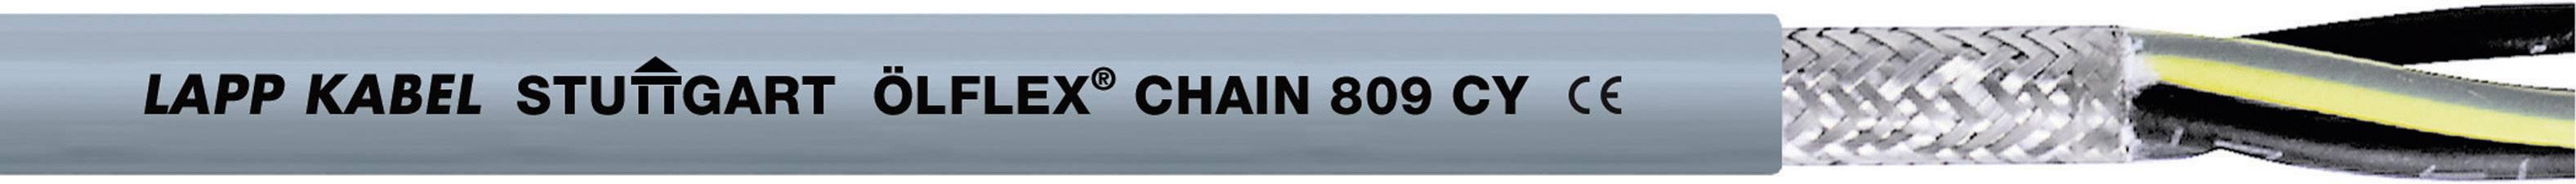 Žíla kabelu LappKabel ÖLFLEX CHAIN 809 CY 5G1,5 (1026778), 5x 1,5 mm², PVC, Ø 9,1 mm, stíněný, 50 m, šedá